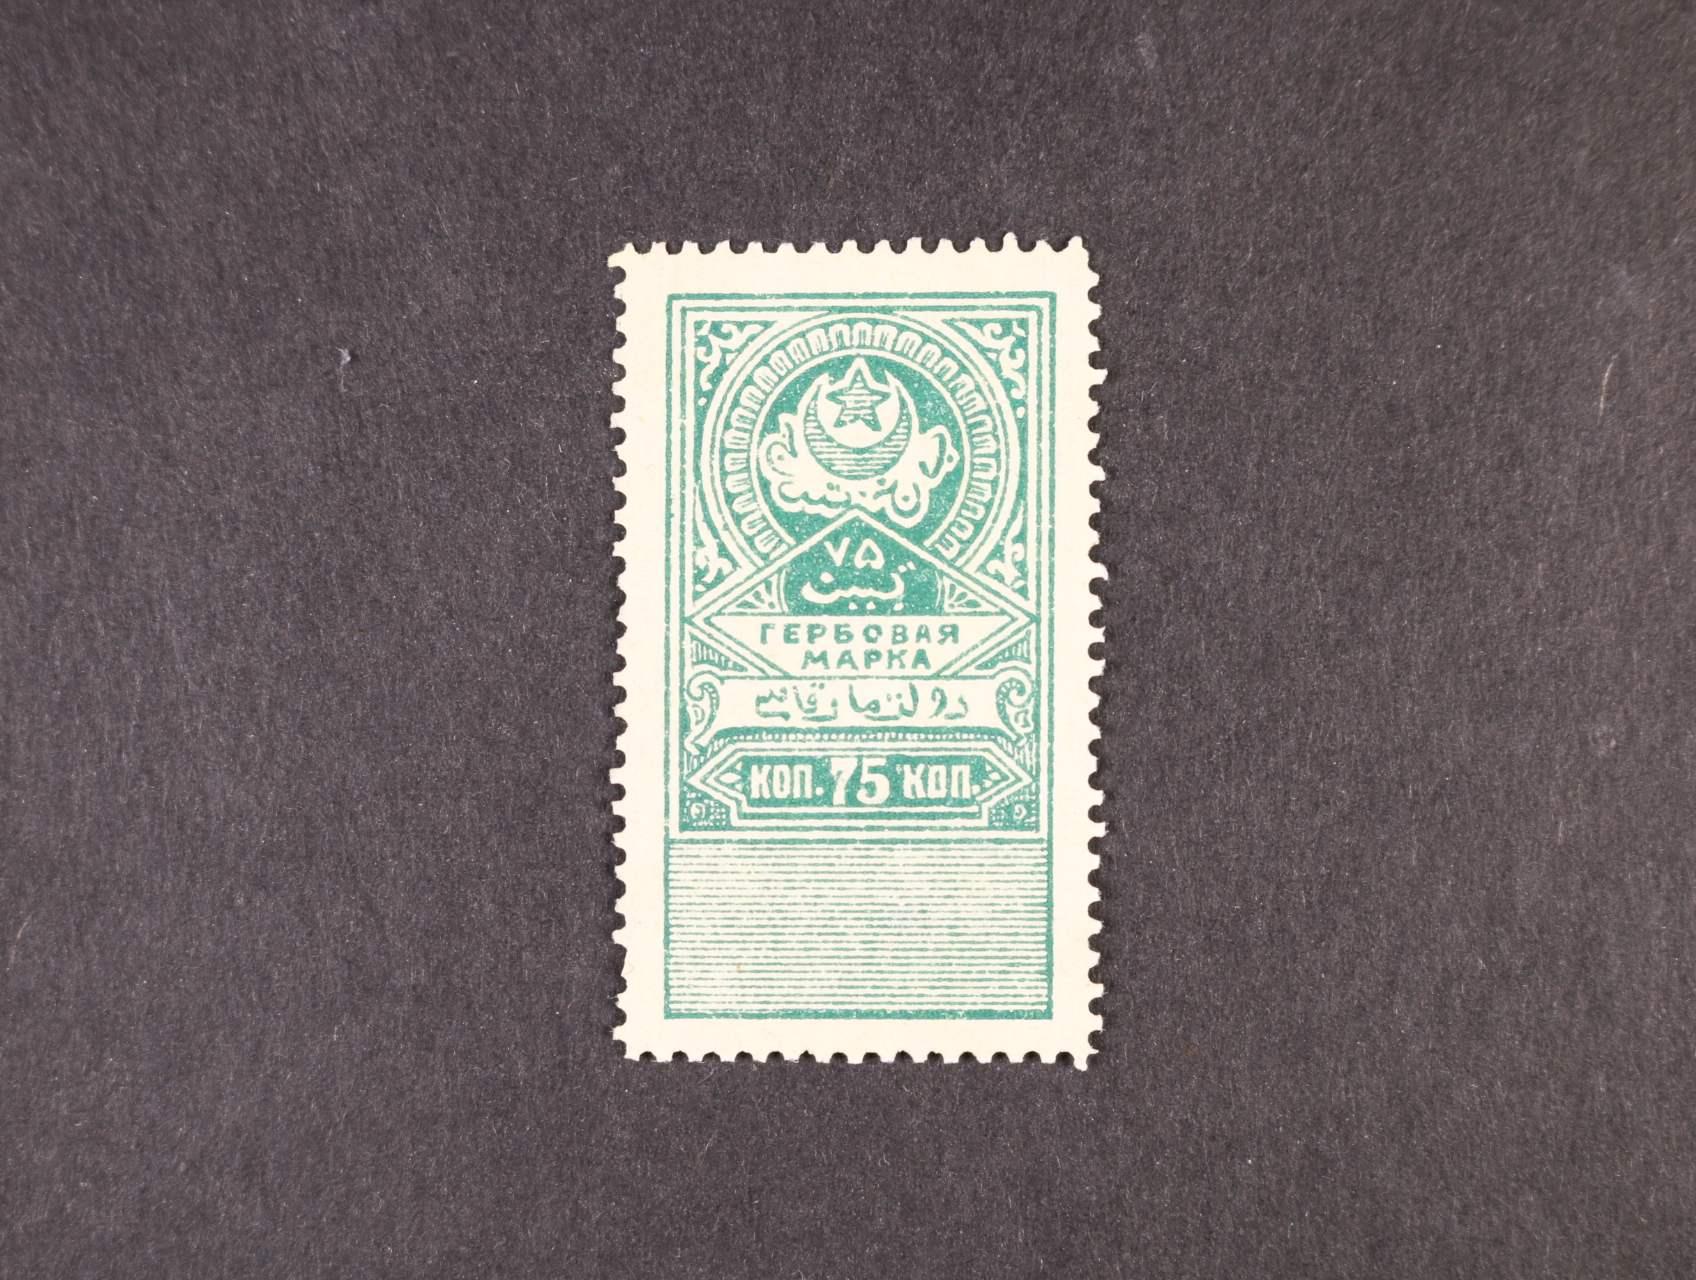 Buchara - zn. 75kop v barvě zelené s ŘZ 11 3/4, velmi vzácný výskyt